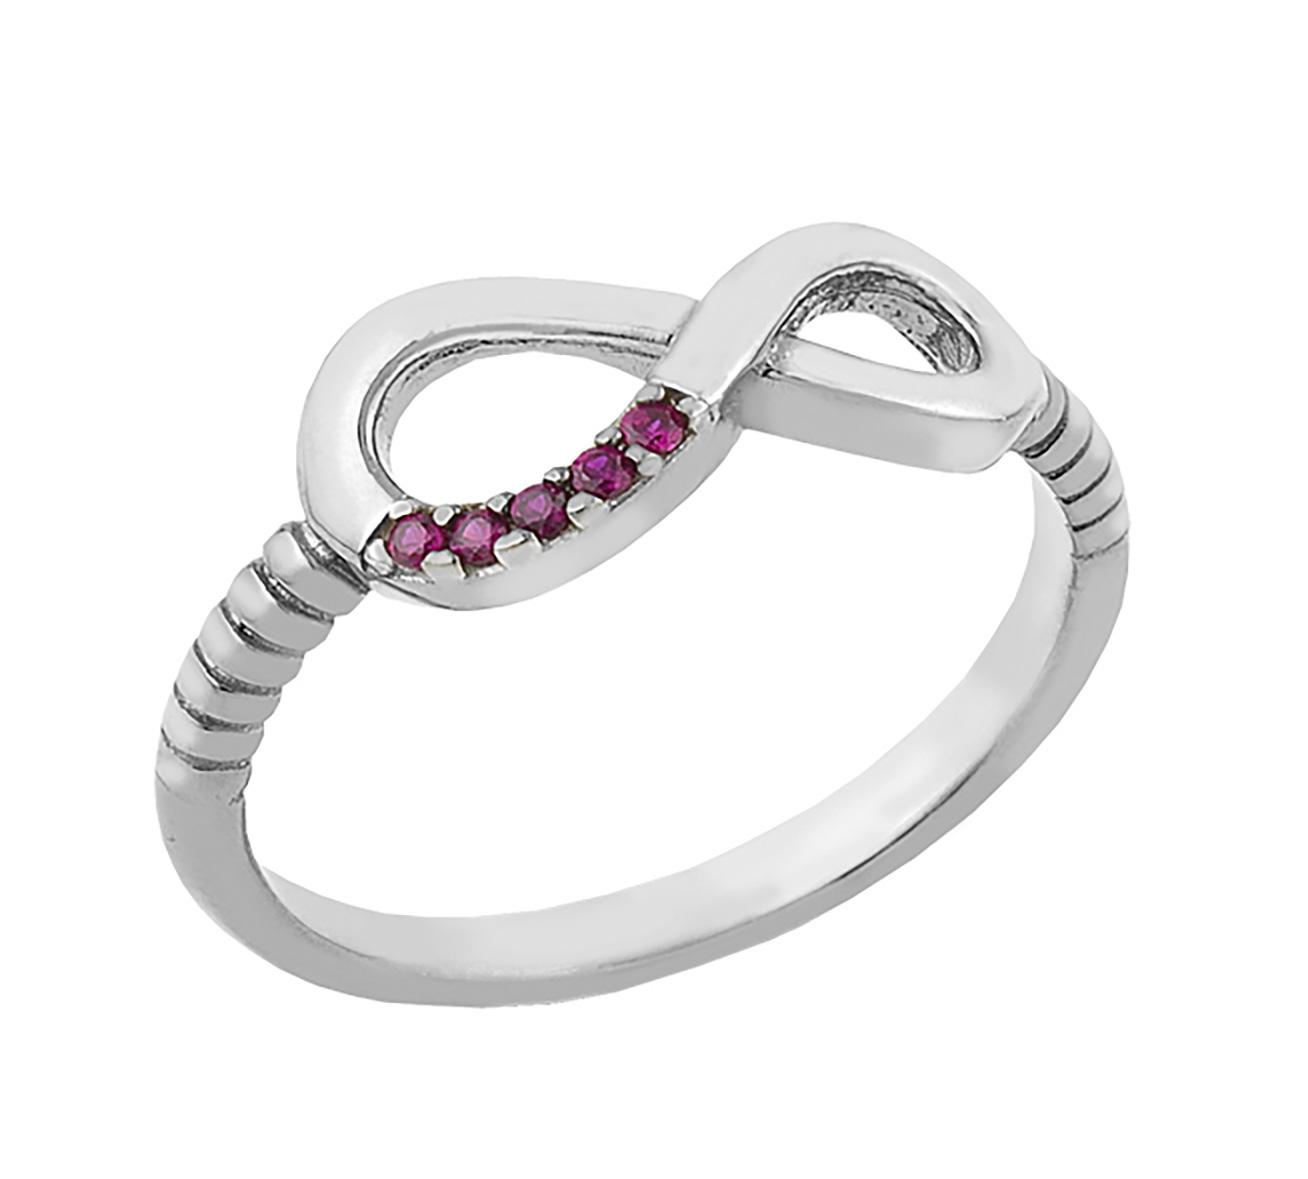 Δαχτυλίδι από ασήμι με το άπειρο με πέτρες ζιργκόν 5b4f6f3e2e0